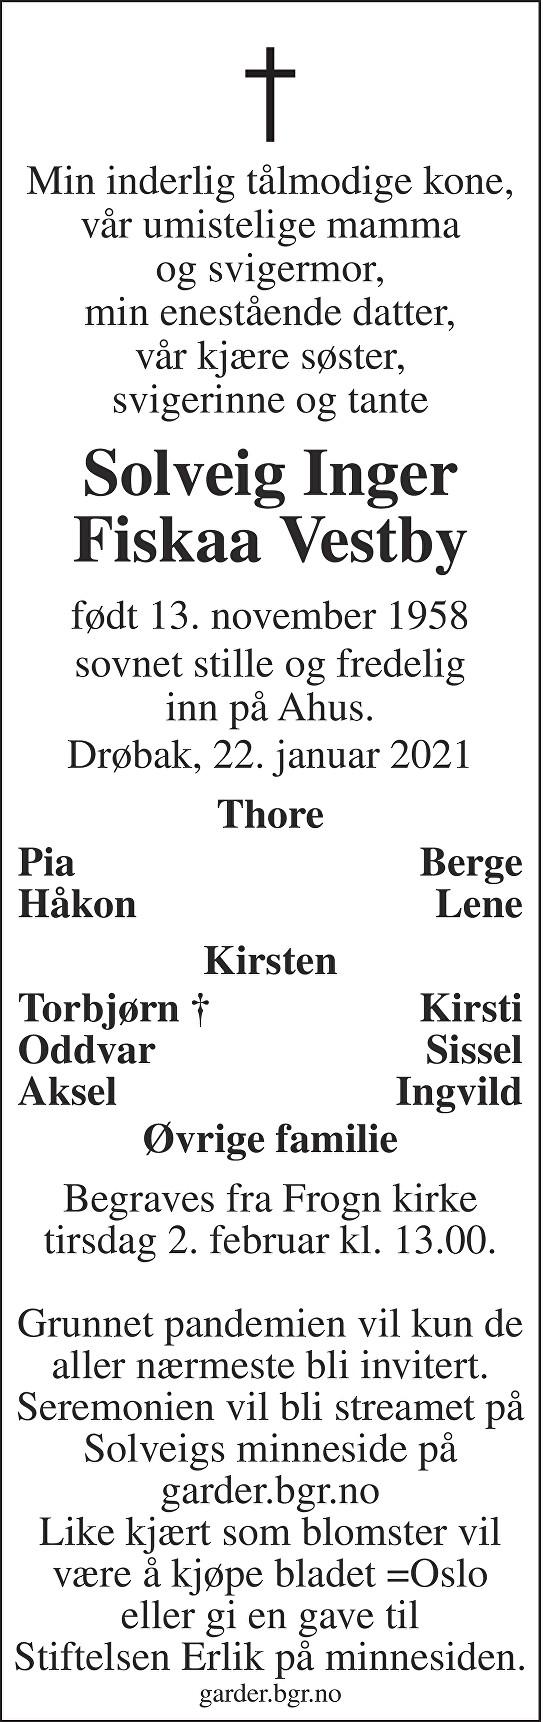 Solveig Inger Fiskaa Vestby Dødsannonse